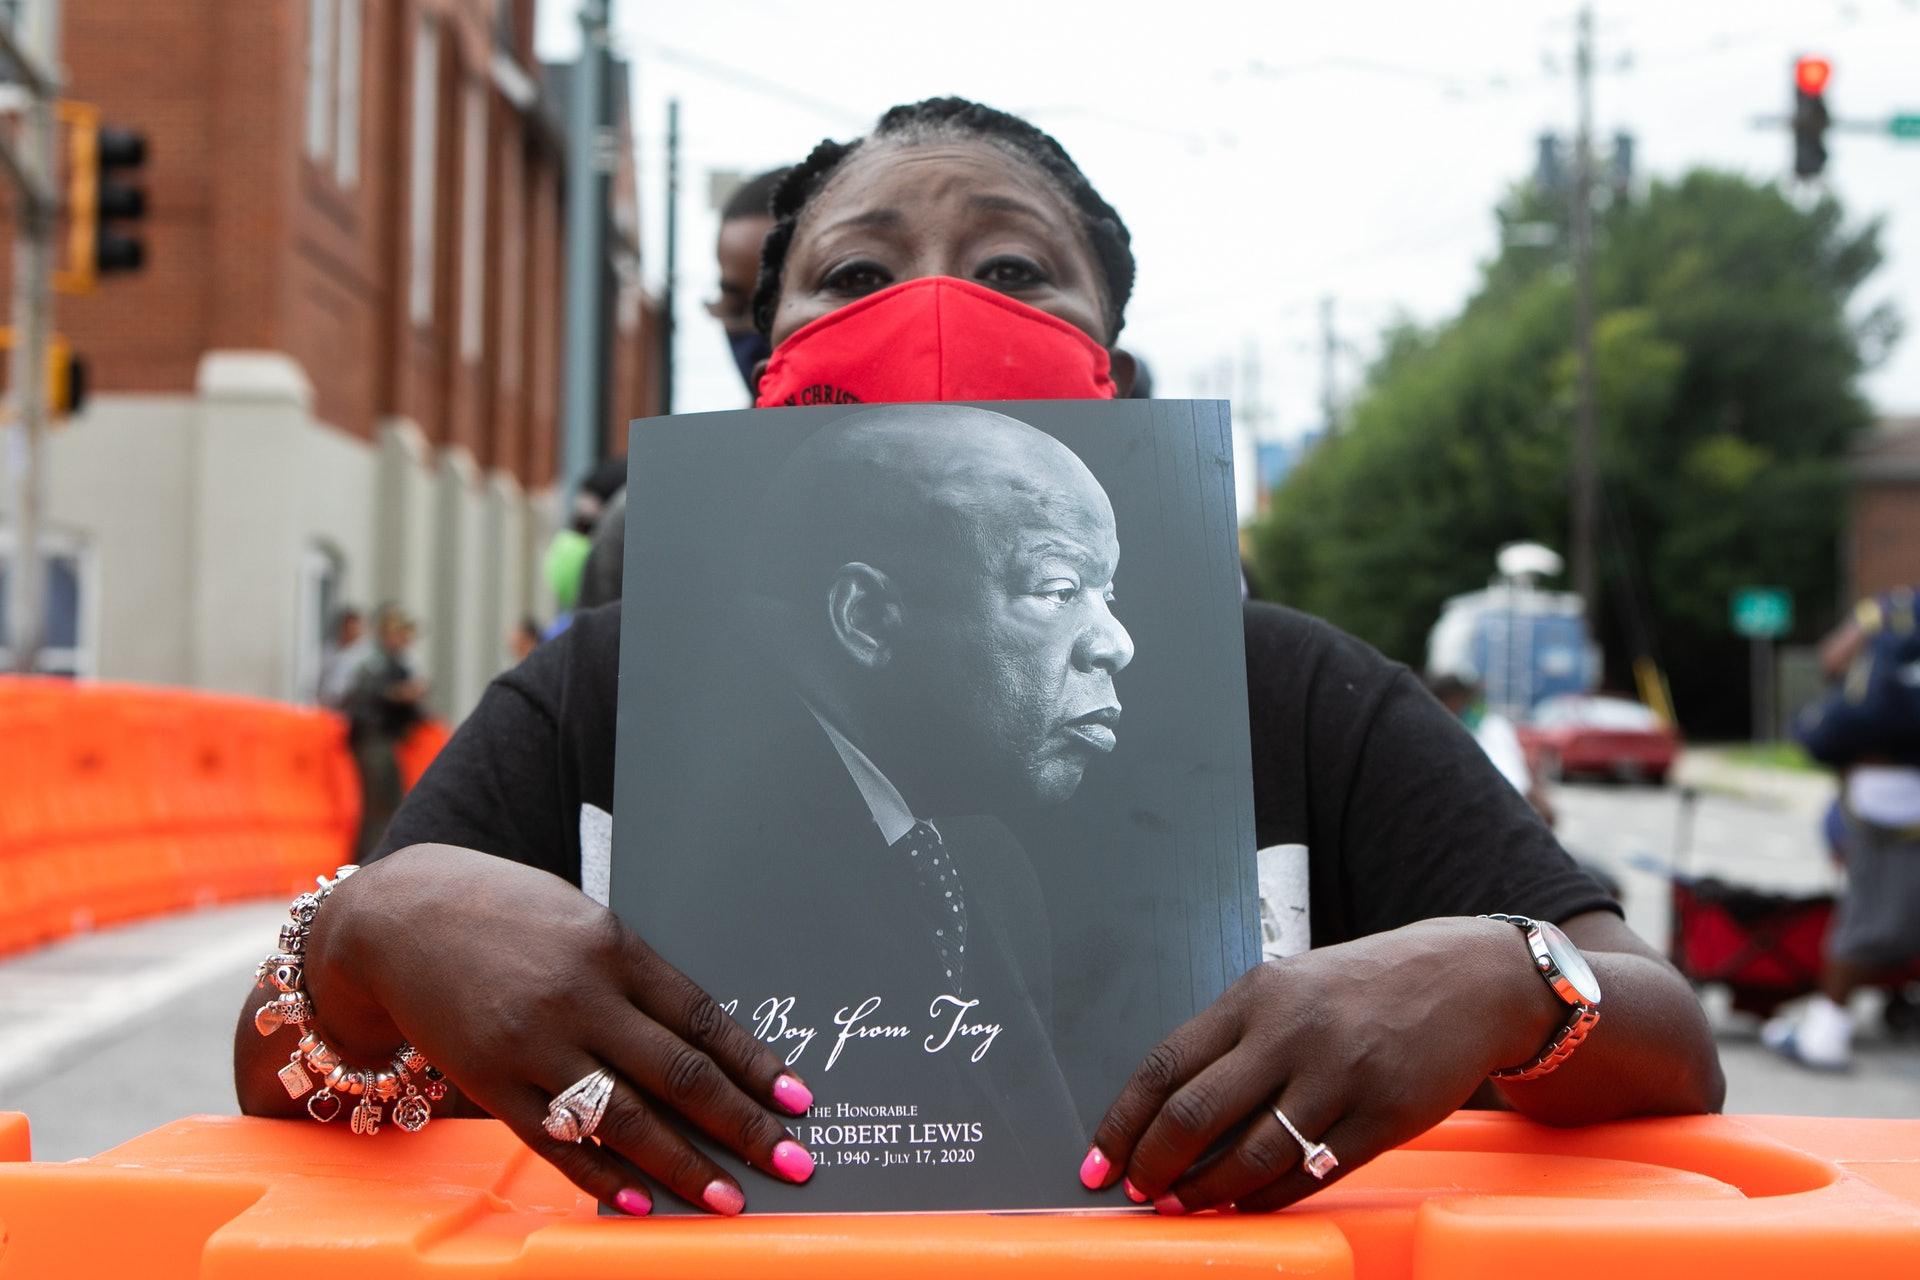 喬治亞州雖然是民主黨籍總統卡特(Jimmy Carter)的出世地以及已故著名黑人民權領袖兼眾議員劉易斯(John Lewis)的根據地,但這個傳統紅州對上一次選出民主黨總統候選人就已經要數到1992年的克林頓(Bill Clinton)。圖為2020年7月30日,劉易斯的葬禮於亞特蘭大舉行,有人手持相片告別。(Getty Images)